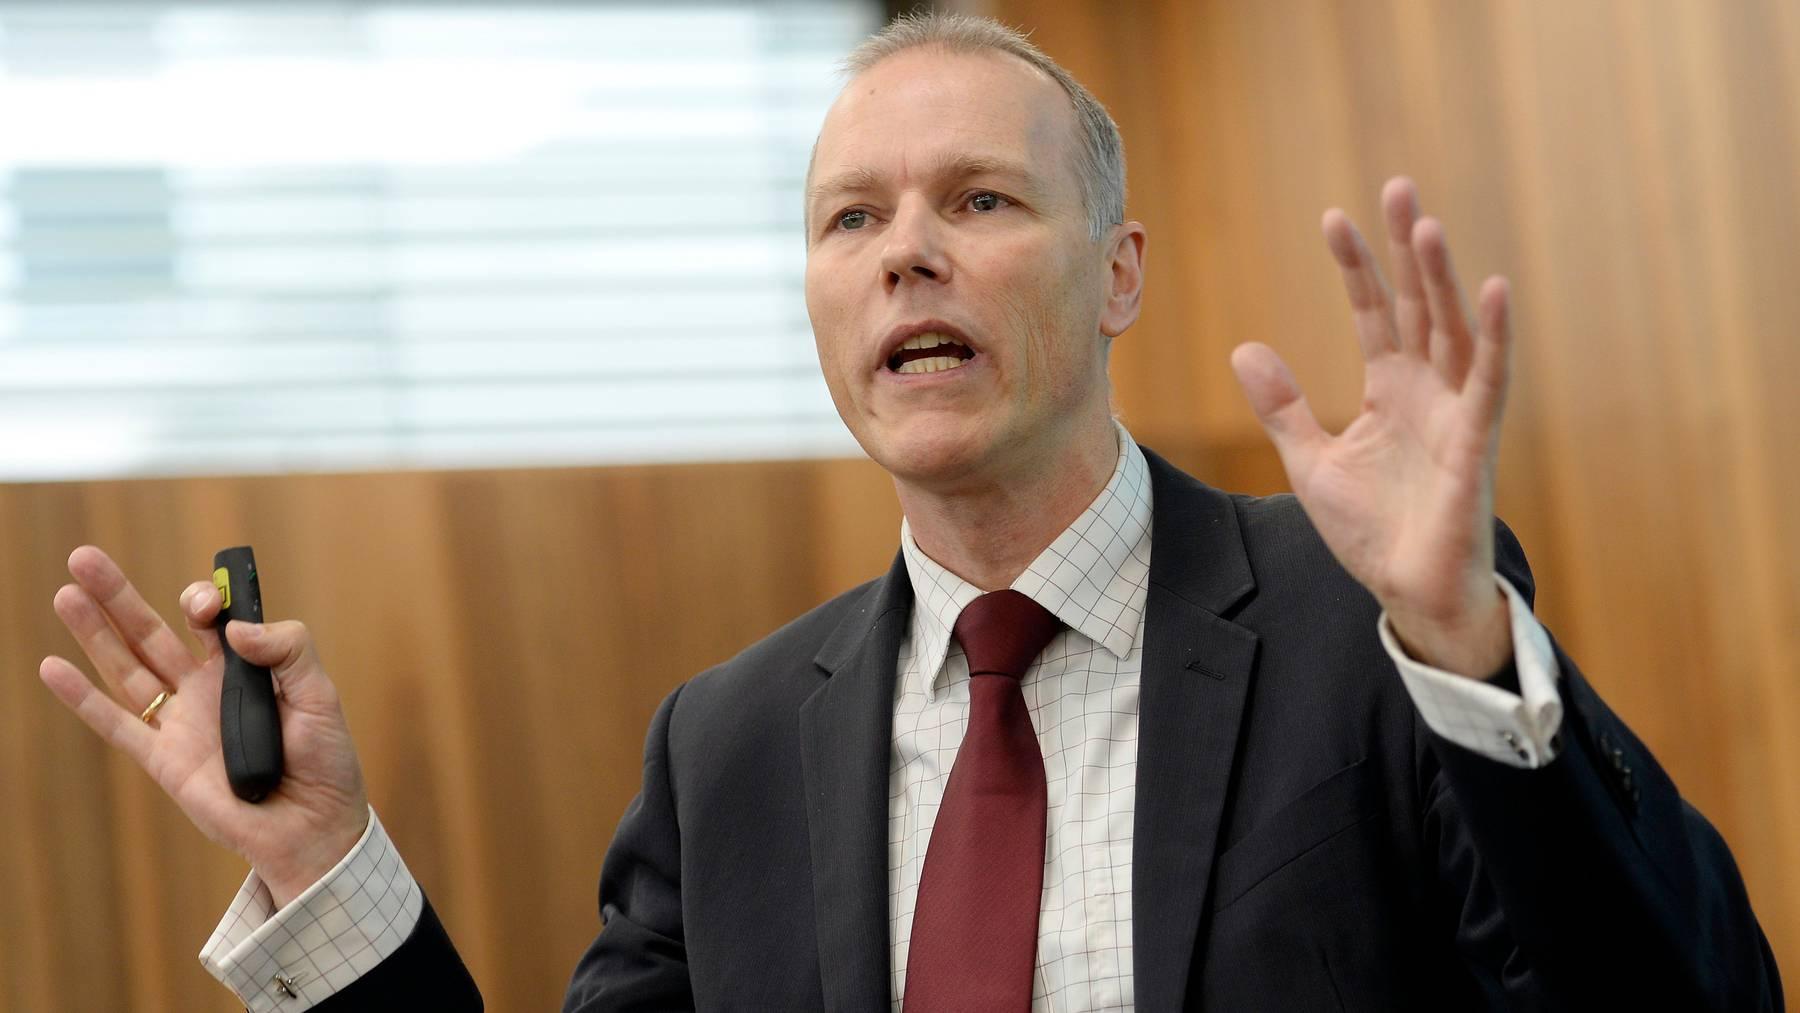 Jan-Egbert Sturm ist Chef der Konjunkturforschungsstelle (KOF) der ETH Zürich und Mitglied der Coronataskforce des Bundes.